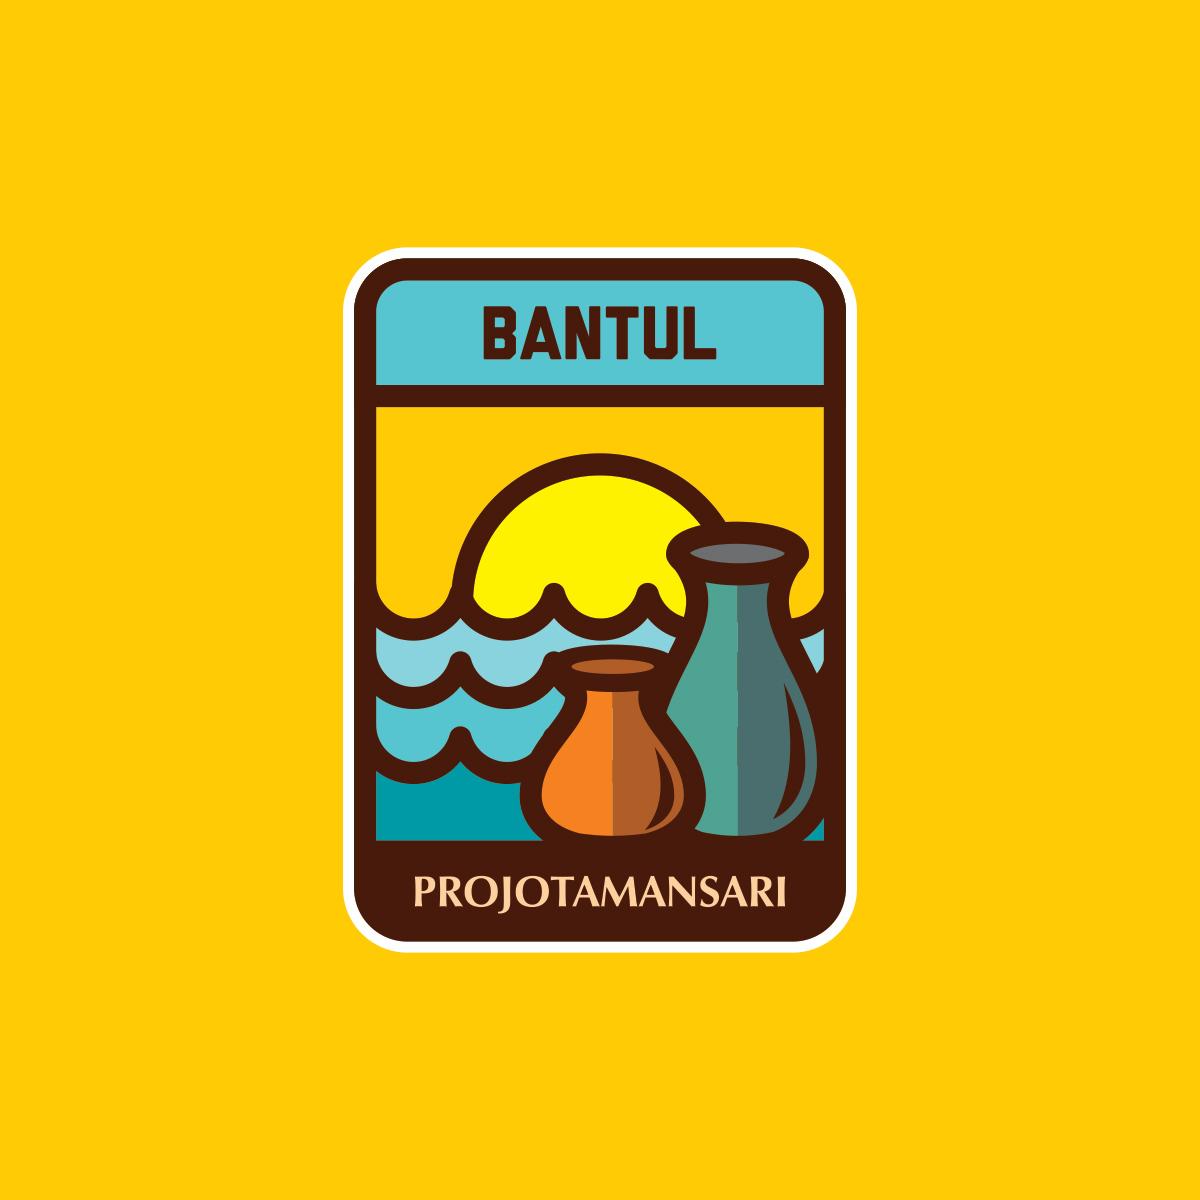 bantul projotamansari